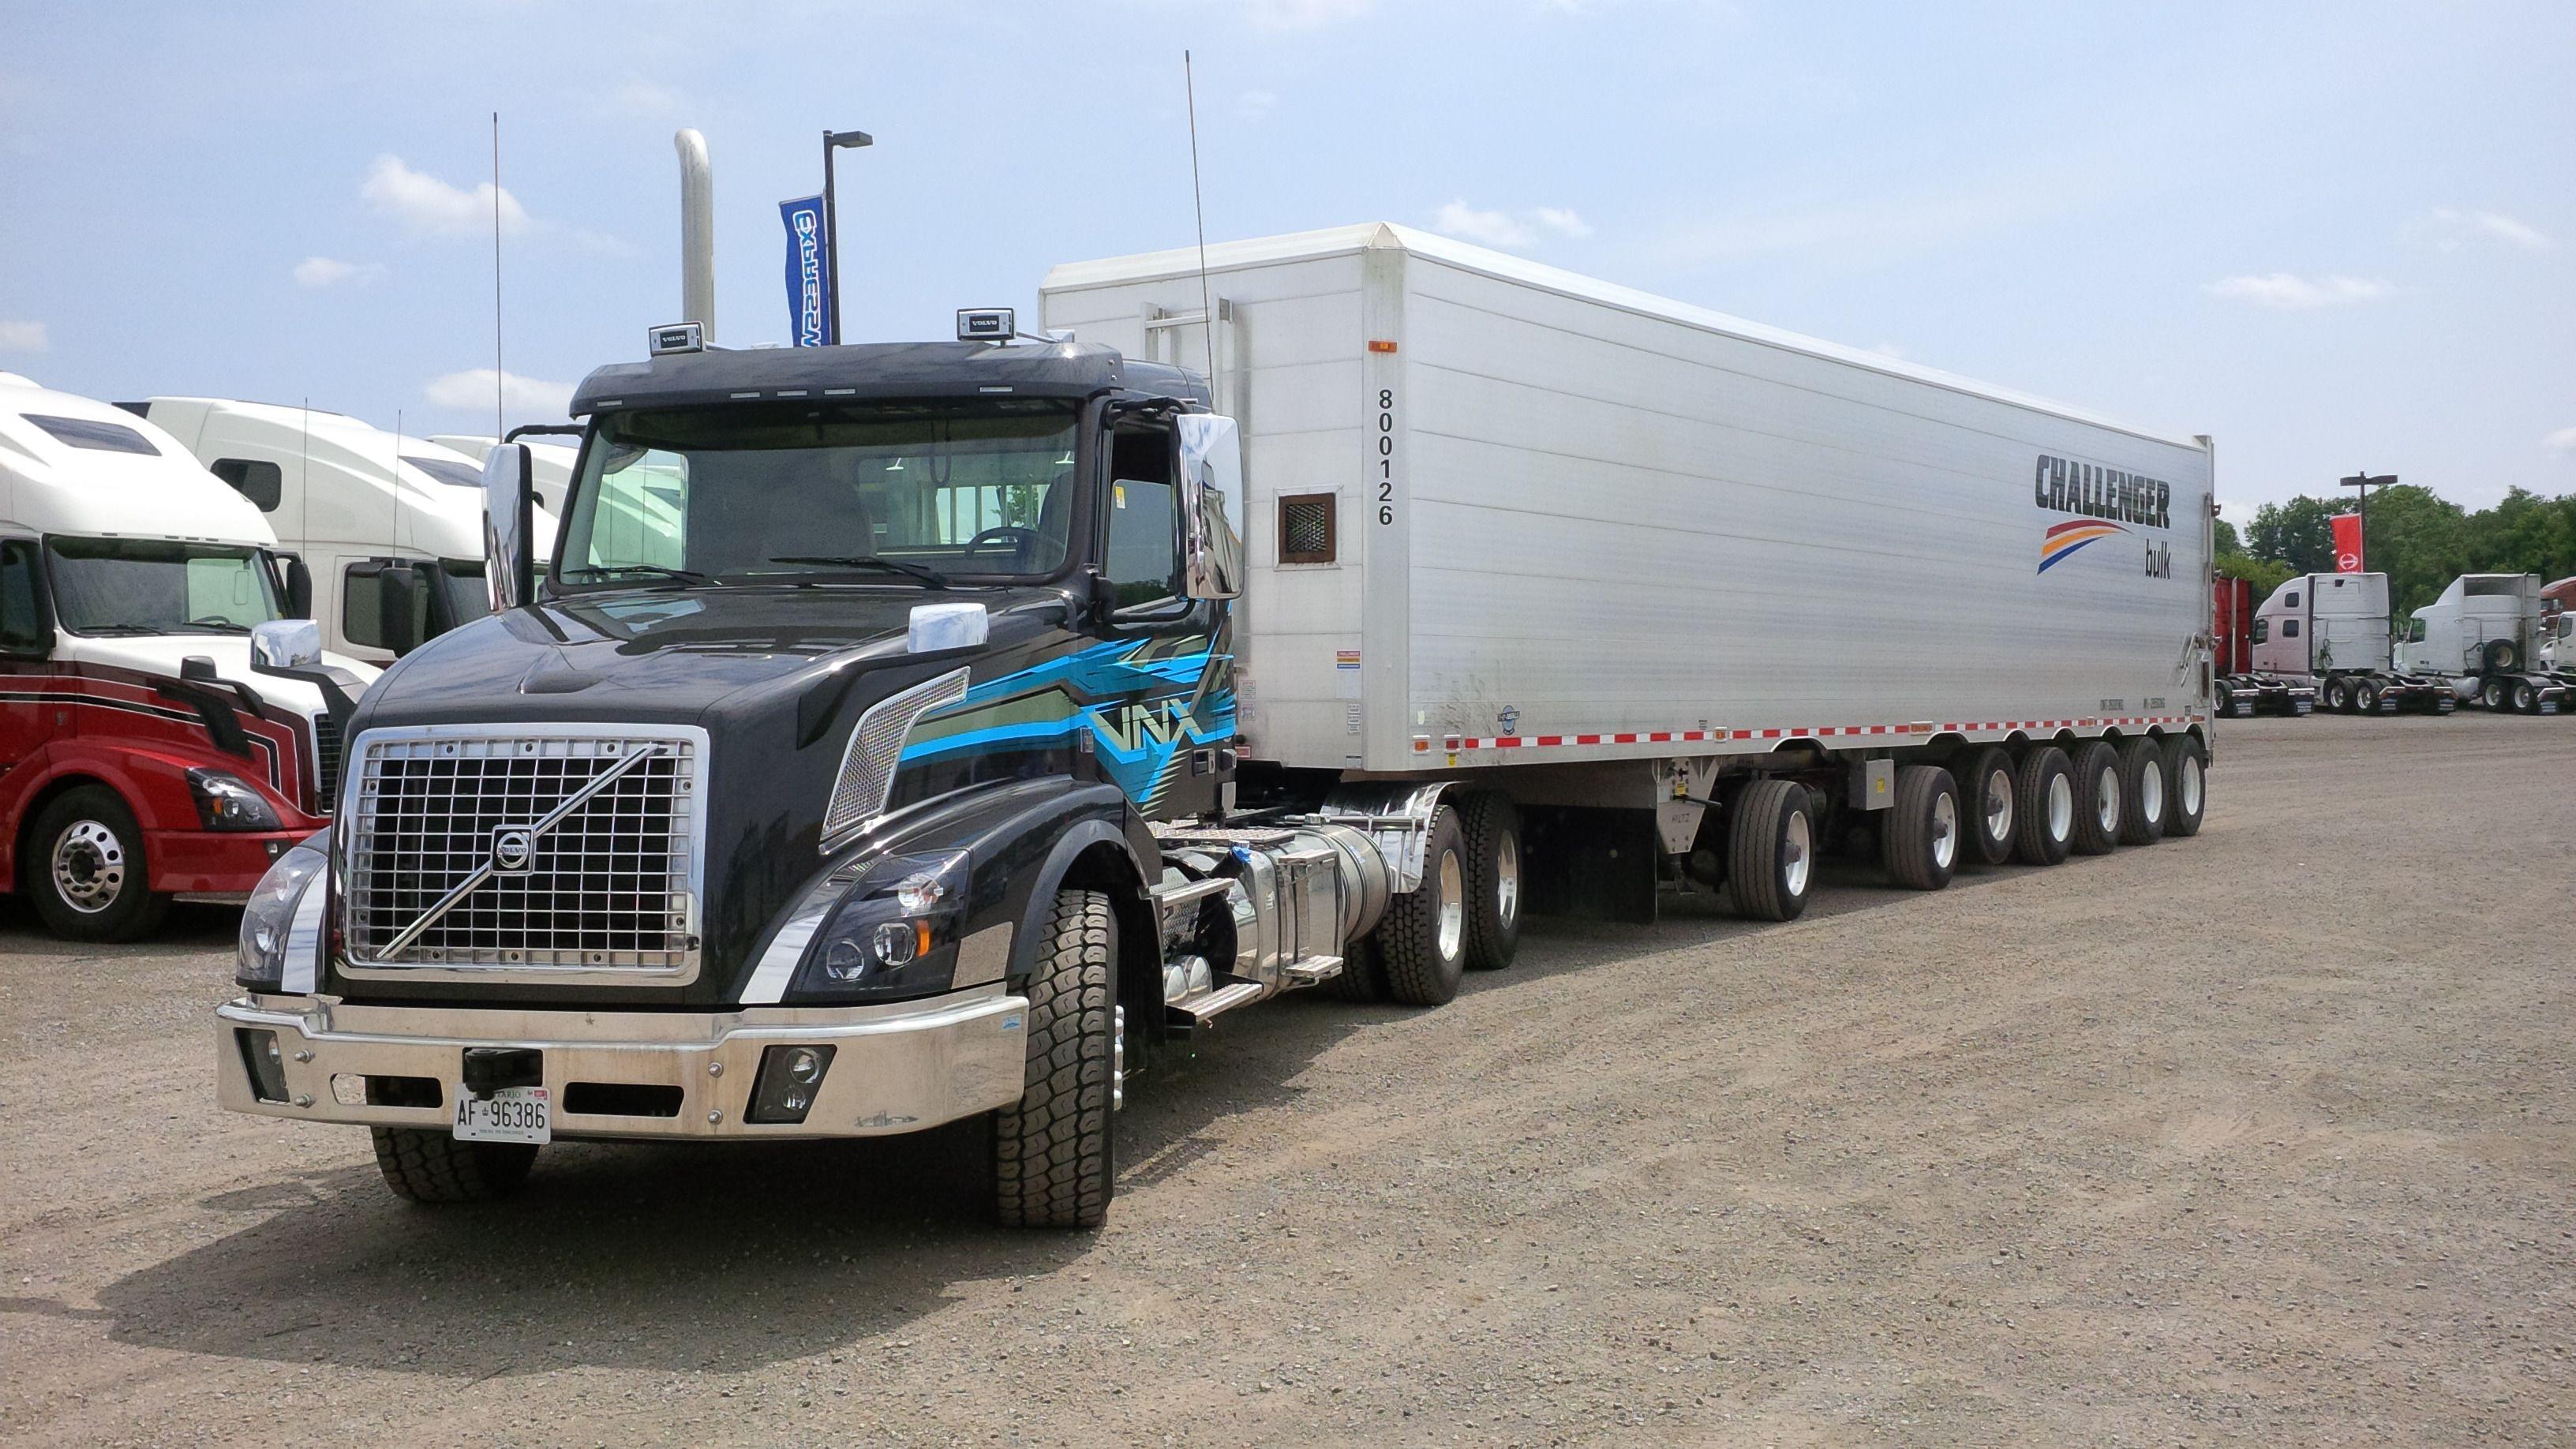 Diagram Of A Semi Truck Trucking Trucks 16 Pinterest